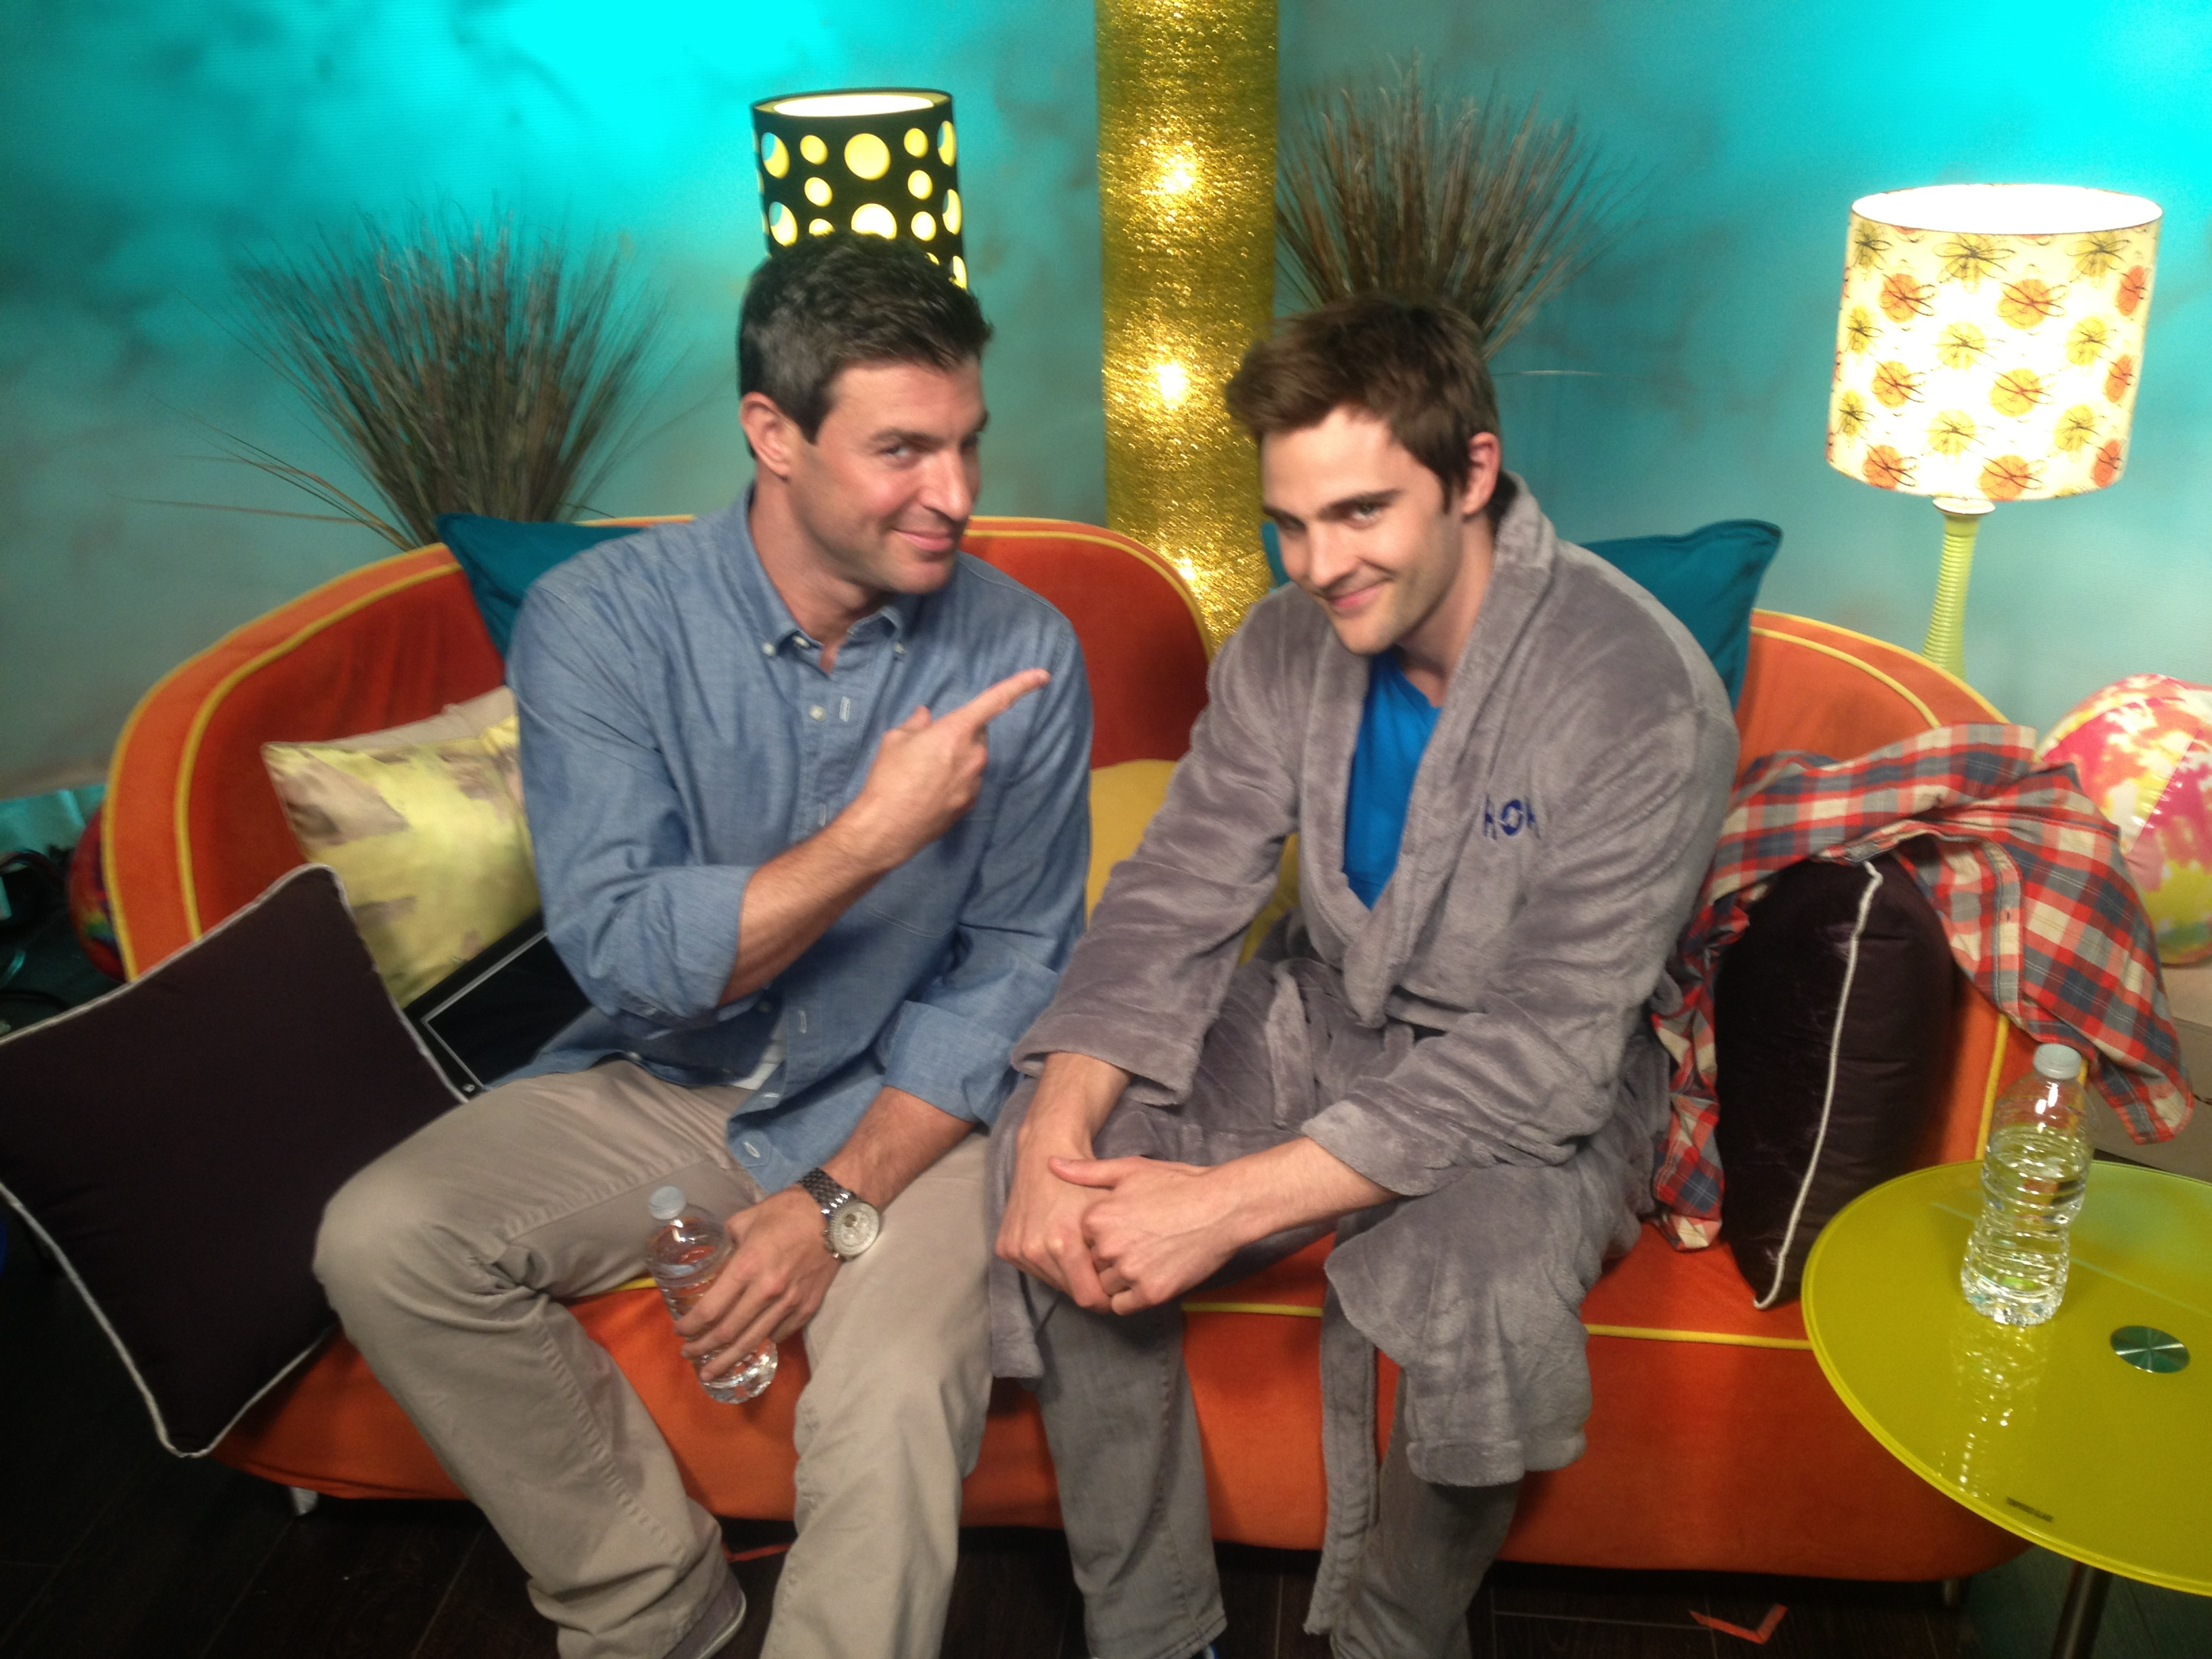 Jeff and Nick